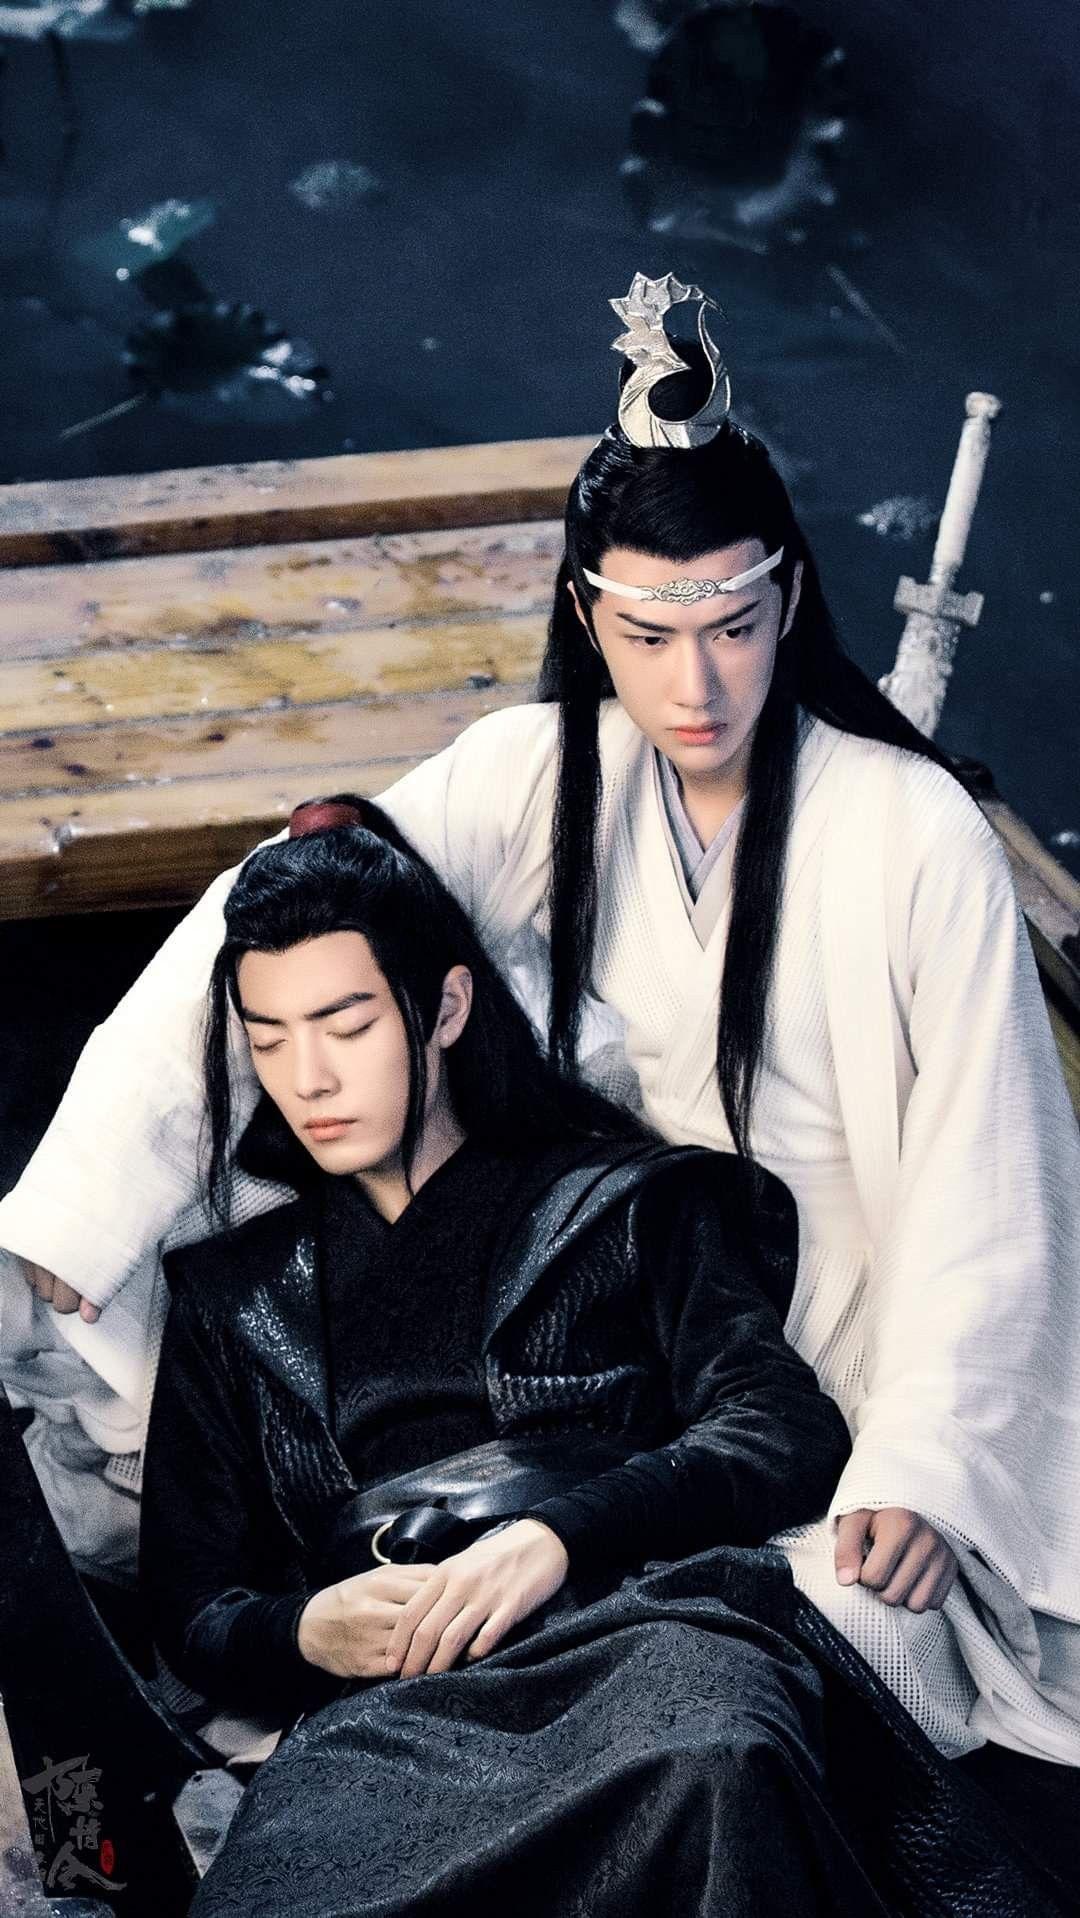 ปักพินโดย Serene Forest ใน UNTAMED Chinese Drama ศิลปิน